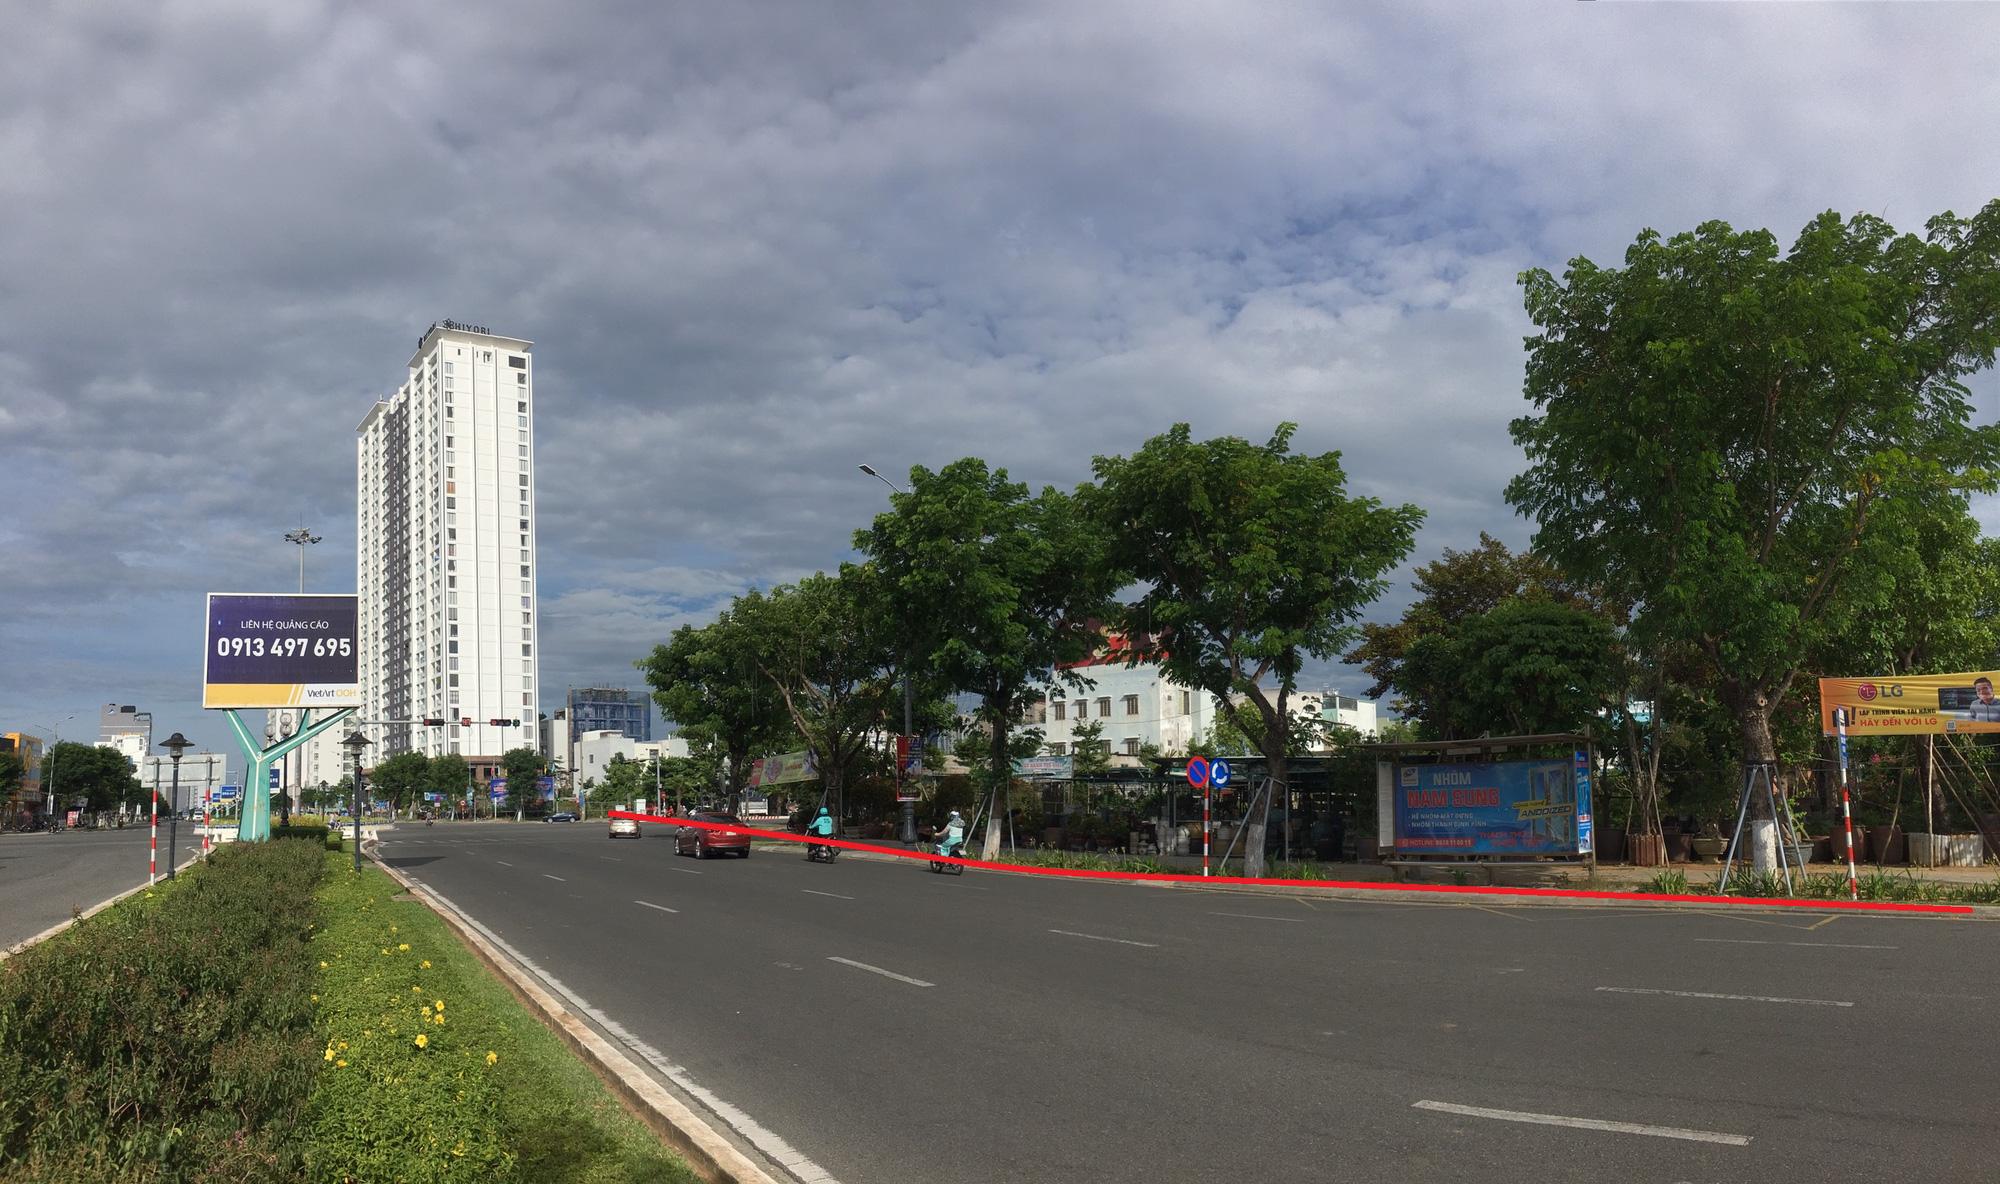 Cận cảnh hai khu đất mặt tiền đường Võ Văn Kiệt - Ngô Quyền, Đà Nẵng sẽ đấu giá xây dựng dự án cao 30 tầng - Ảnh 2.